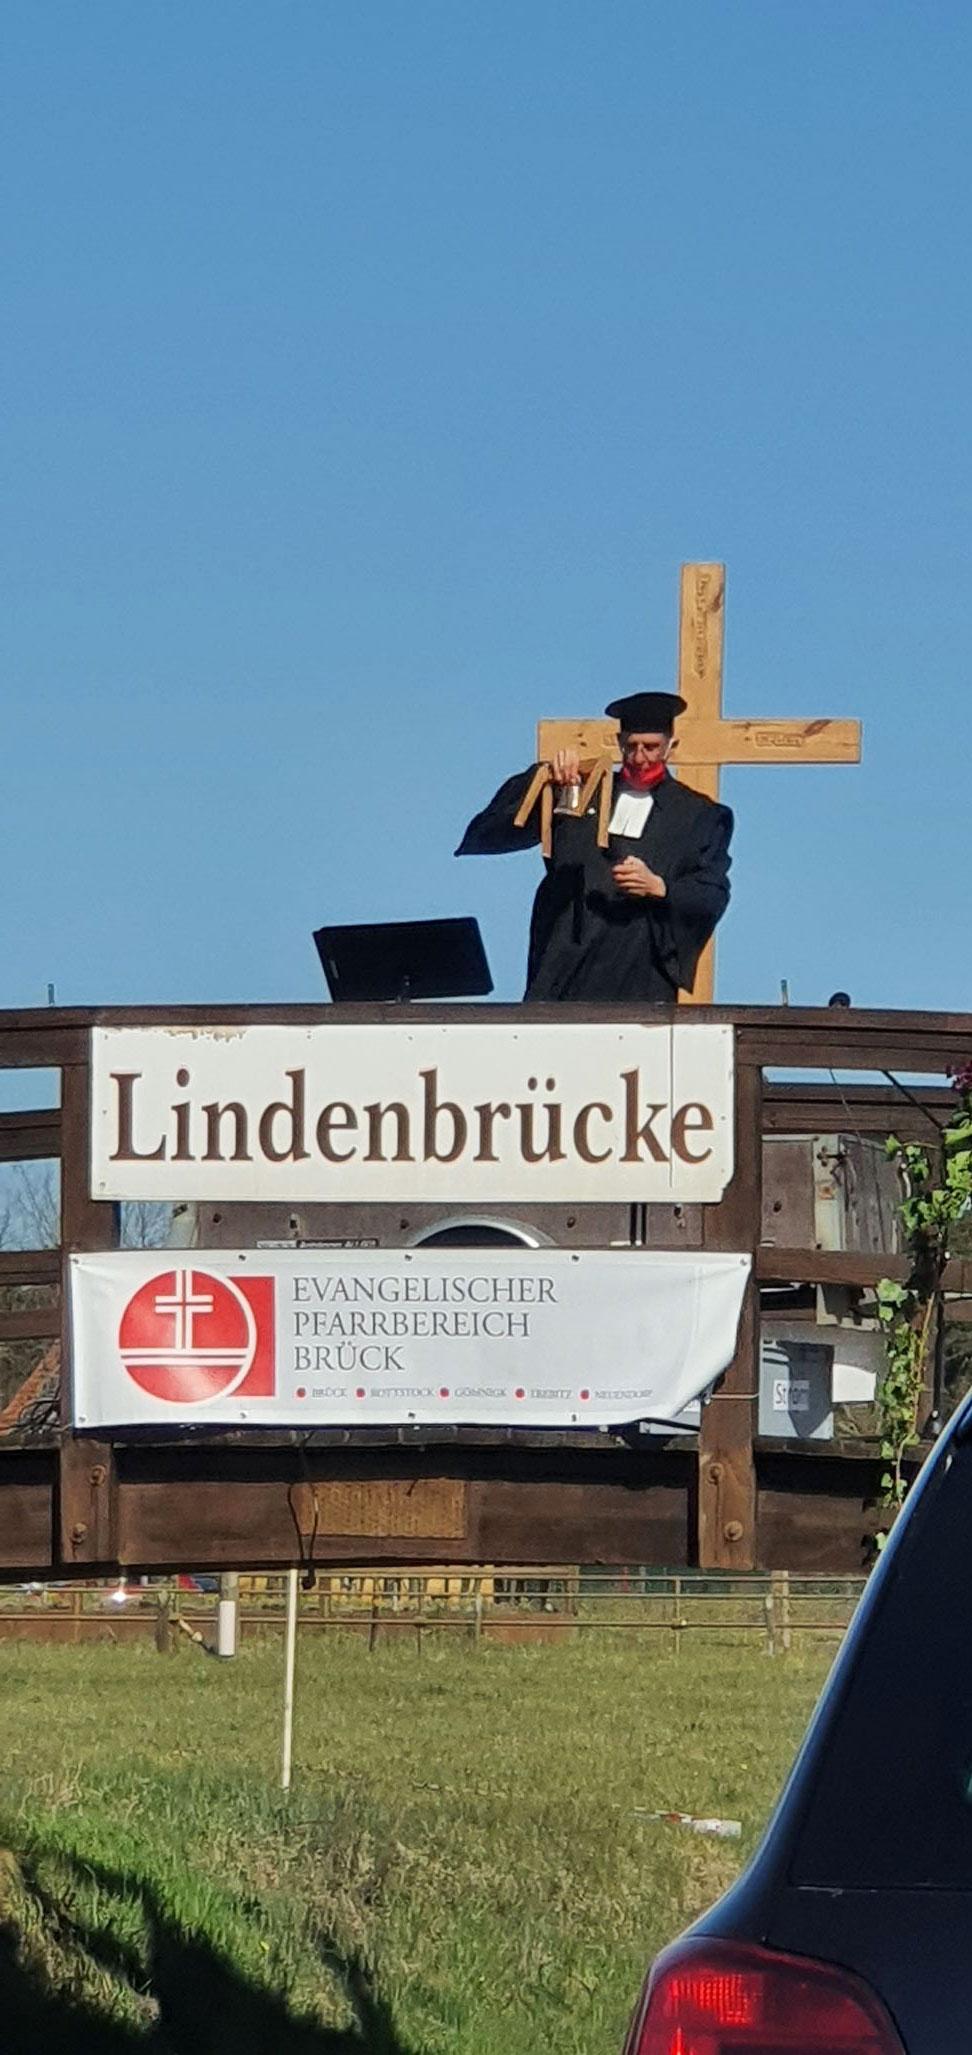 Pfarrer Kautz läutet die Glocke